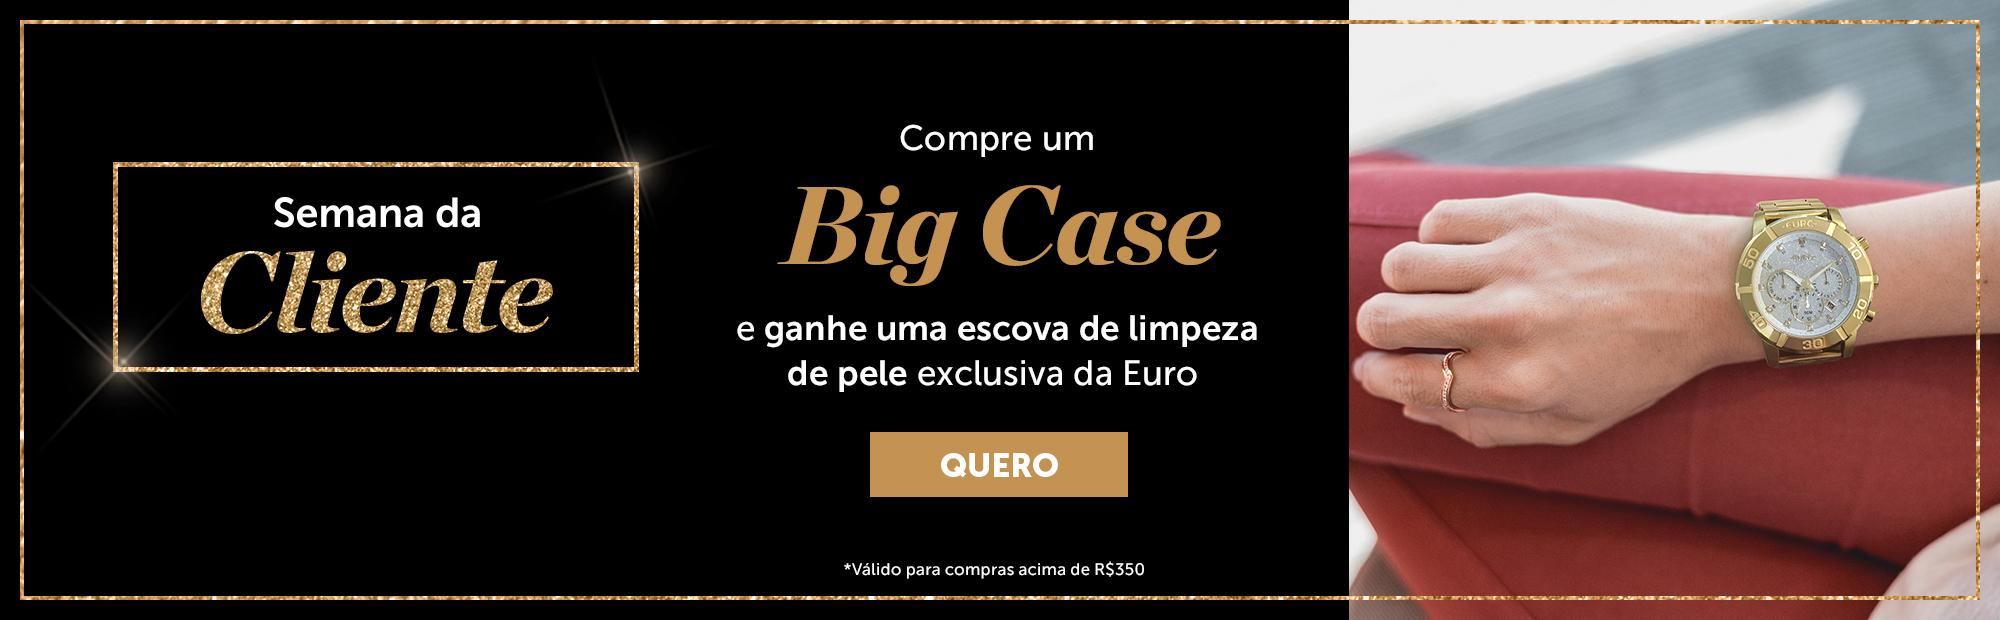 Big Case - Semana do Cliente